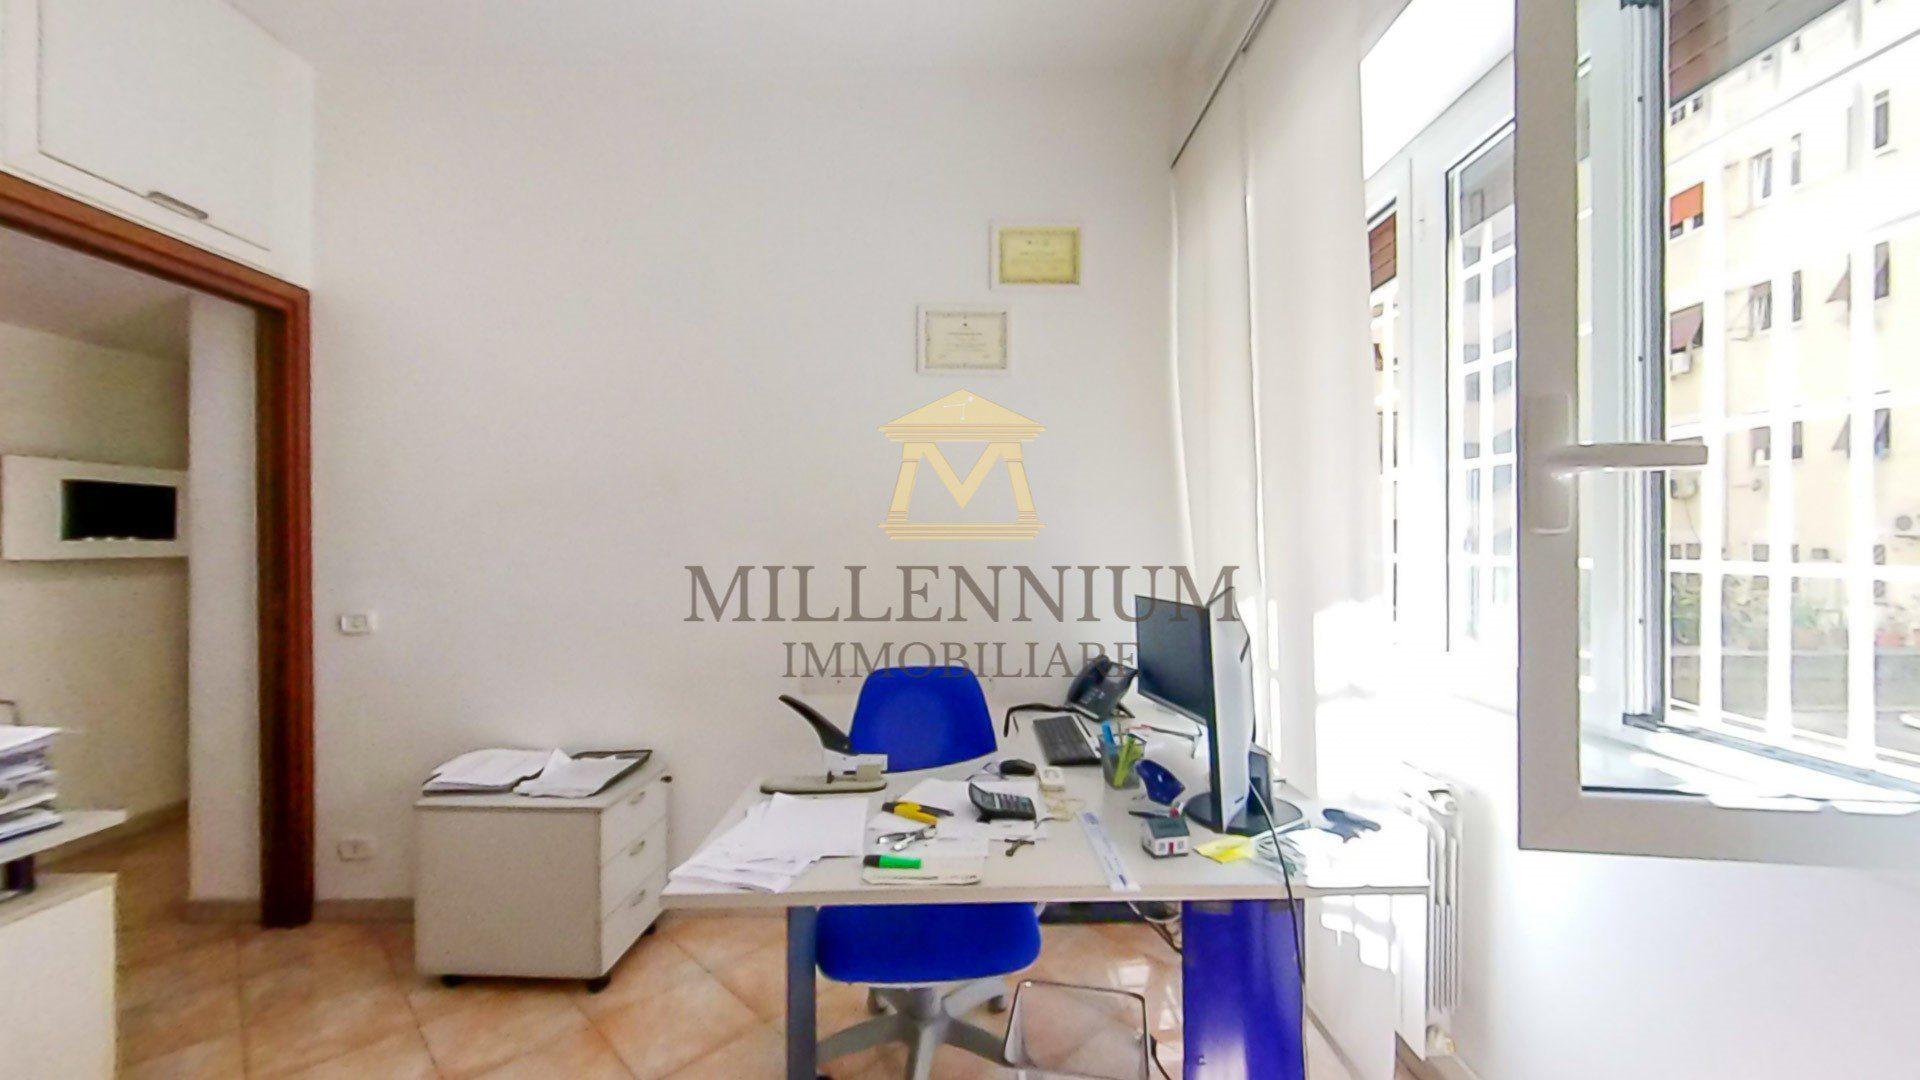 Millennium-191452